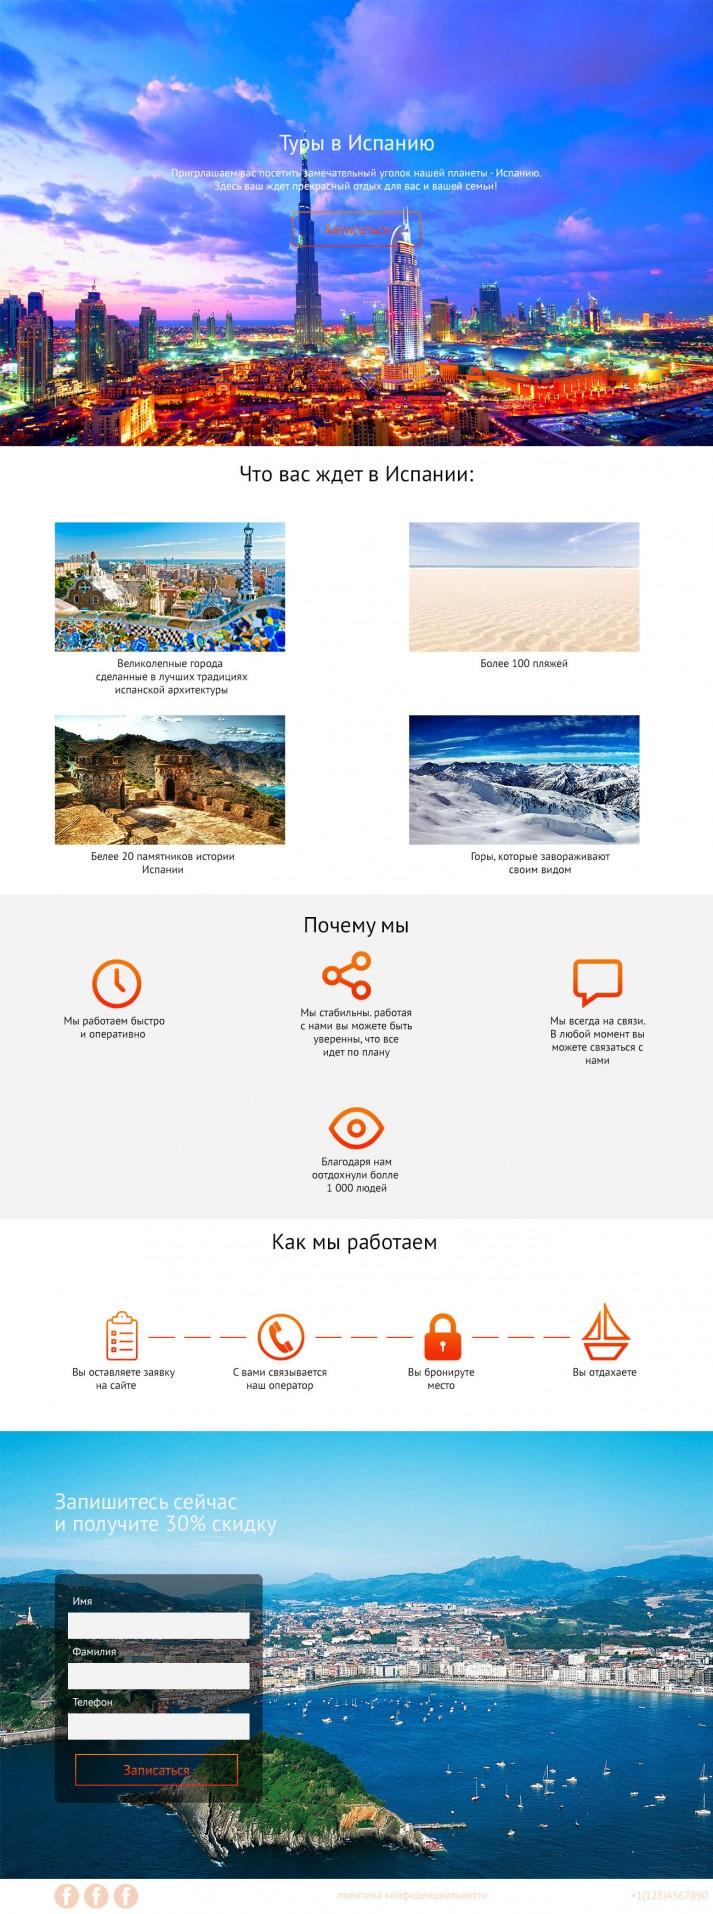 Туры в Испанию отдых в Испании 2017  туроператор DSBW